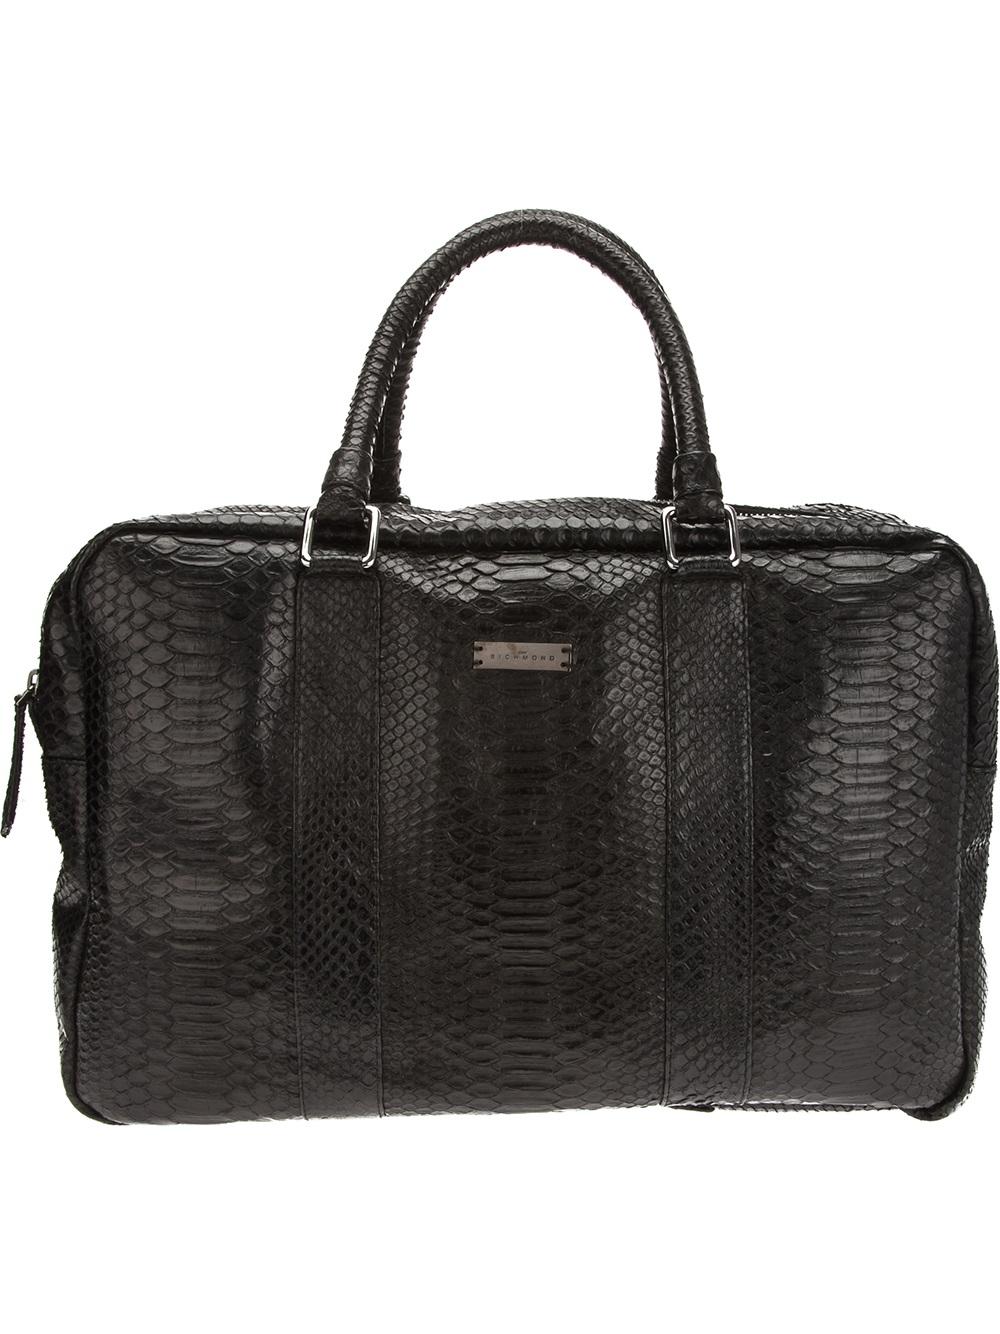 John richmond Python Skin Bag in Black for Men